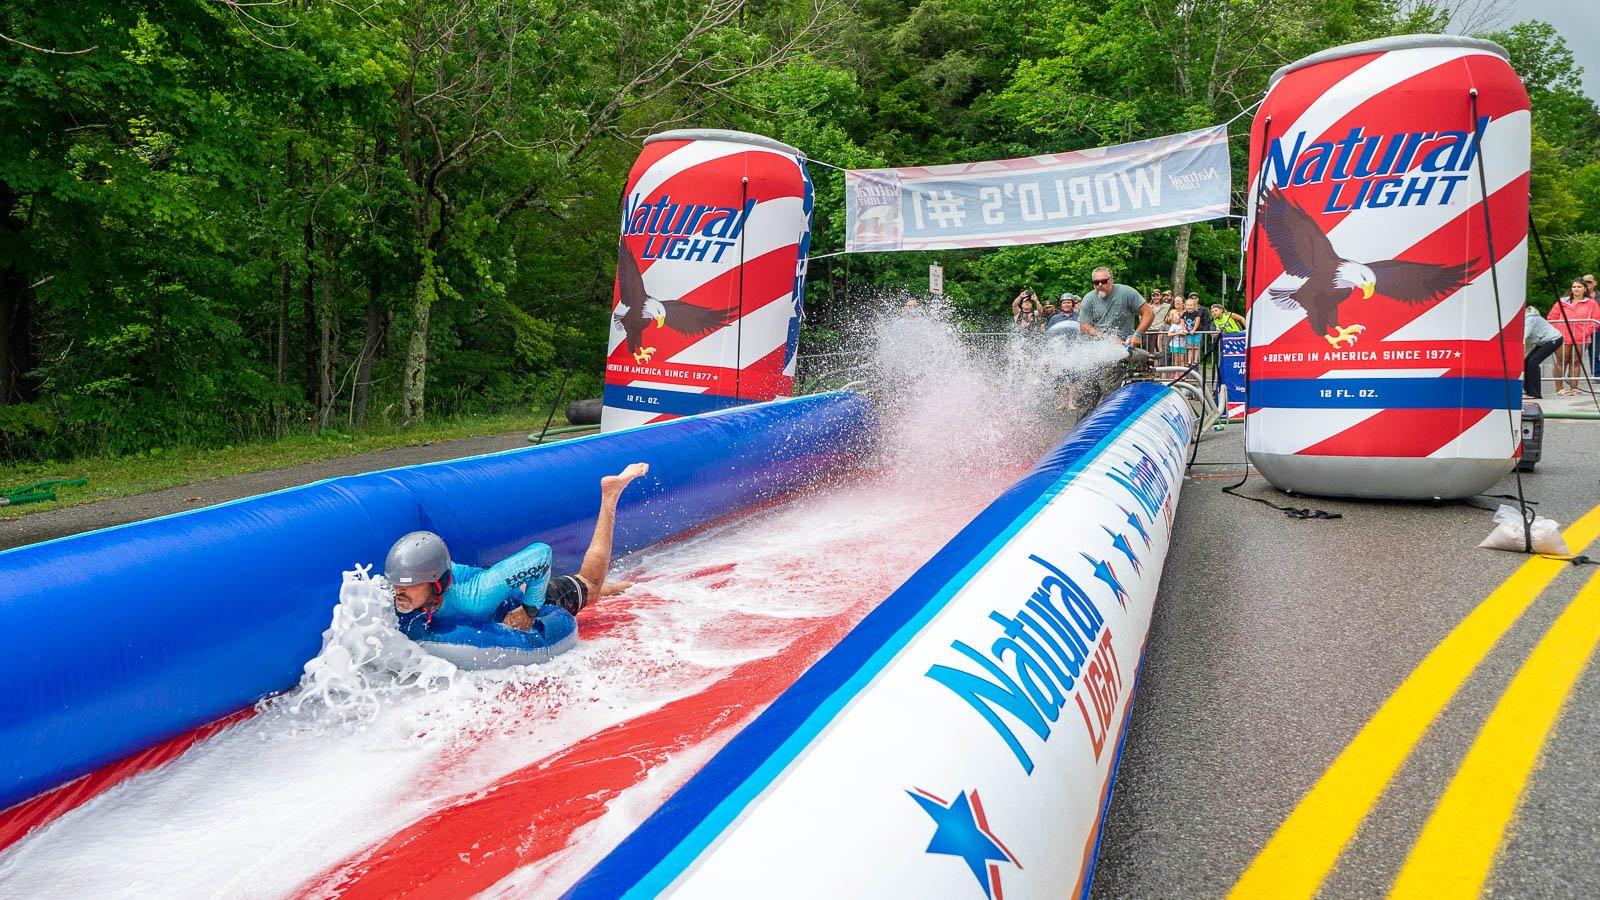 Slip and Slide World Record: Slip and Slide